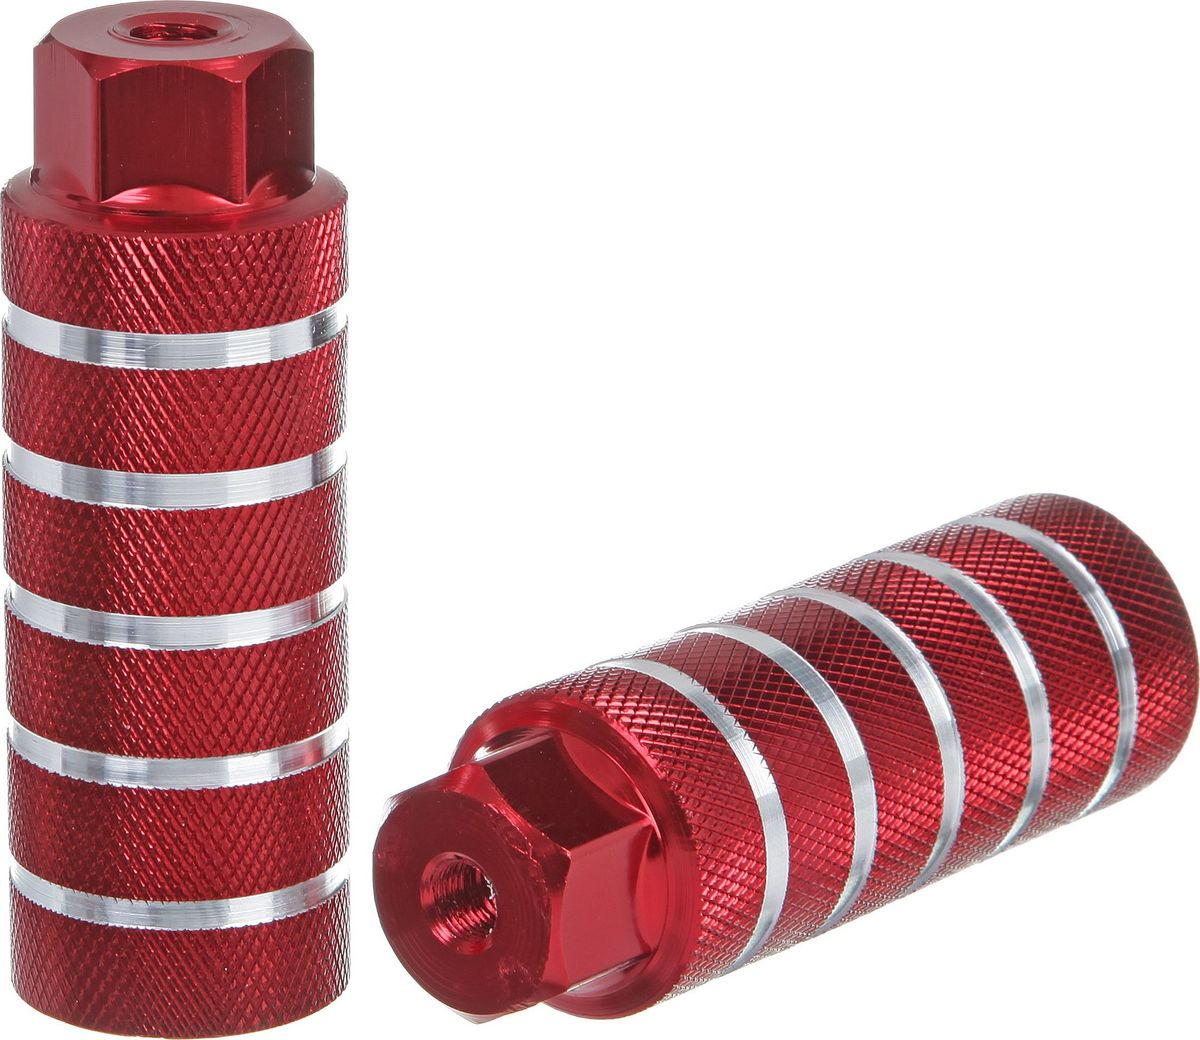 Пеги для BMX STG, цвет: красный, серебристый, диаметр 3,8 см, длина 10 см, 2 штХ73981-5Пеги для BMX STG, выполненные из алюминия, предназначены исключительно для трюков и крепятся на крепкие стальные болты, так как должны выдерживать вес не только велосипедиста, который может опираться на пегу во время выполнения трюка, но и еще и массу самого велосипеда.Ось велосипеда: 3/8.